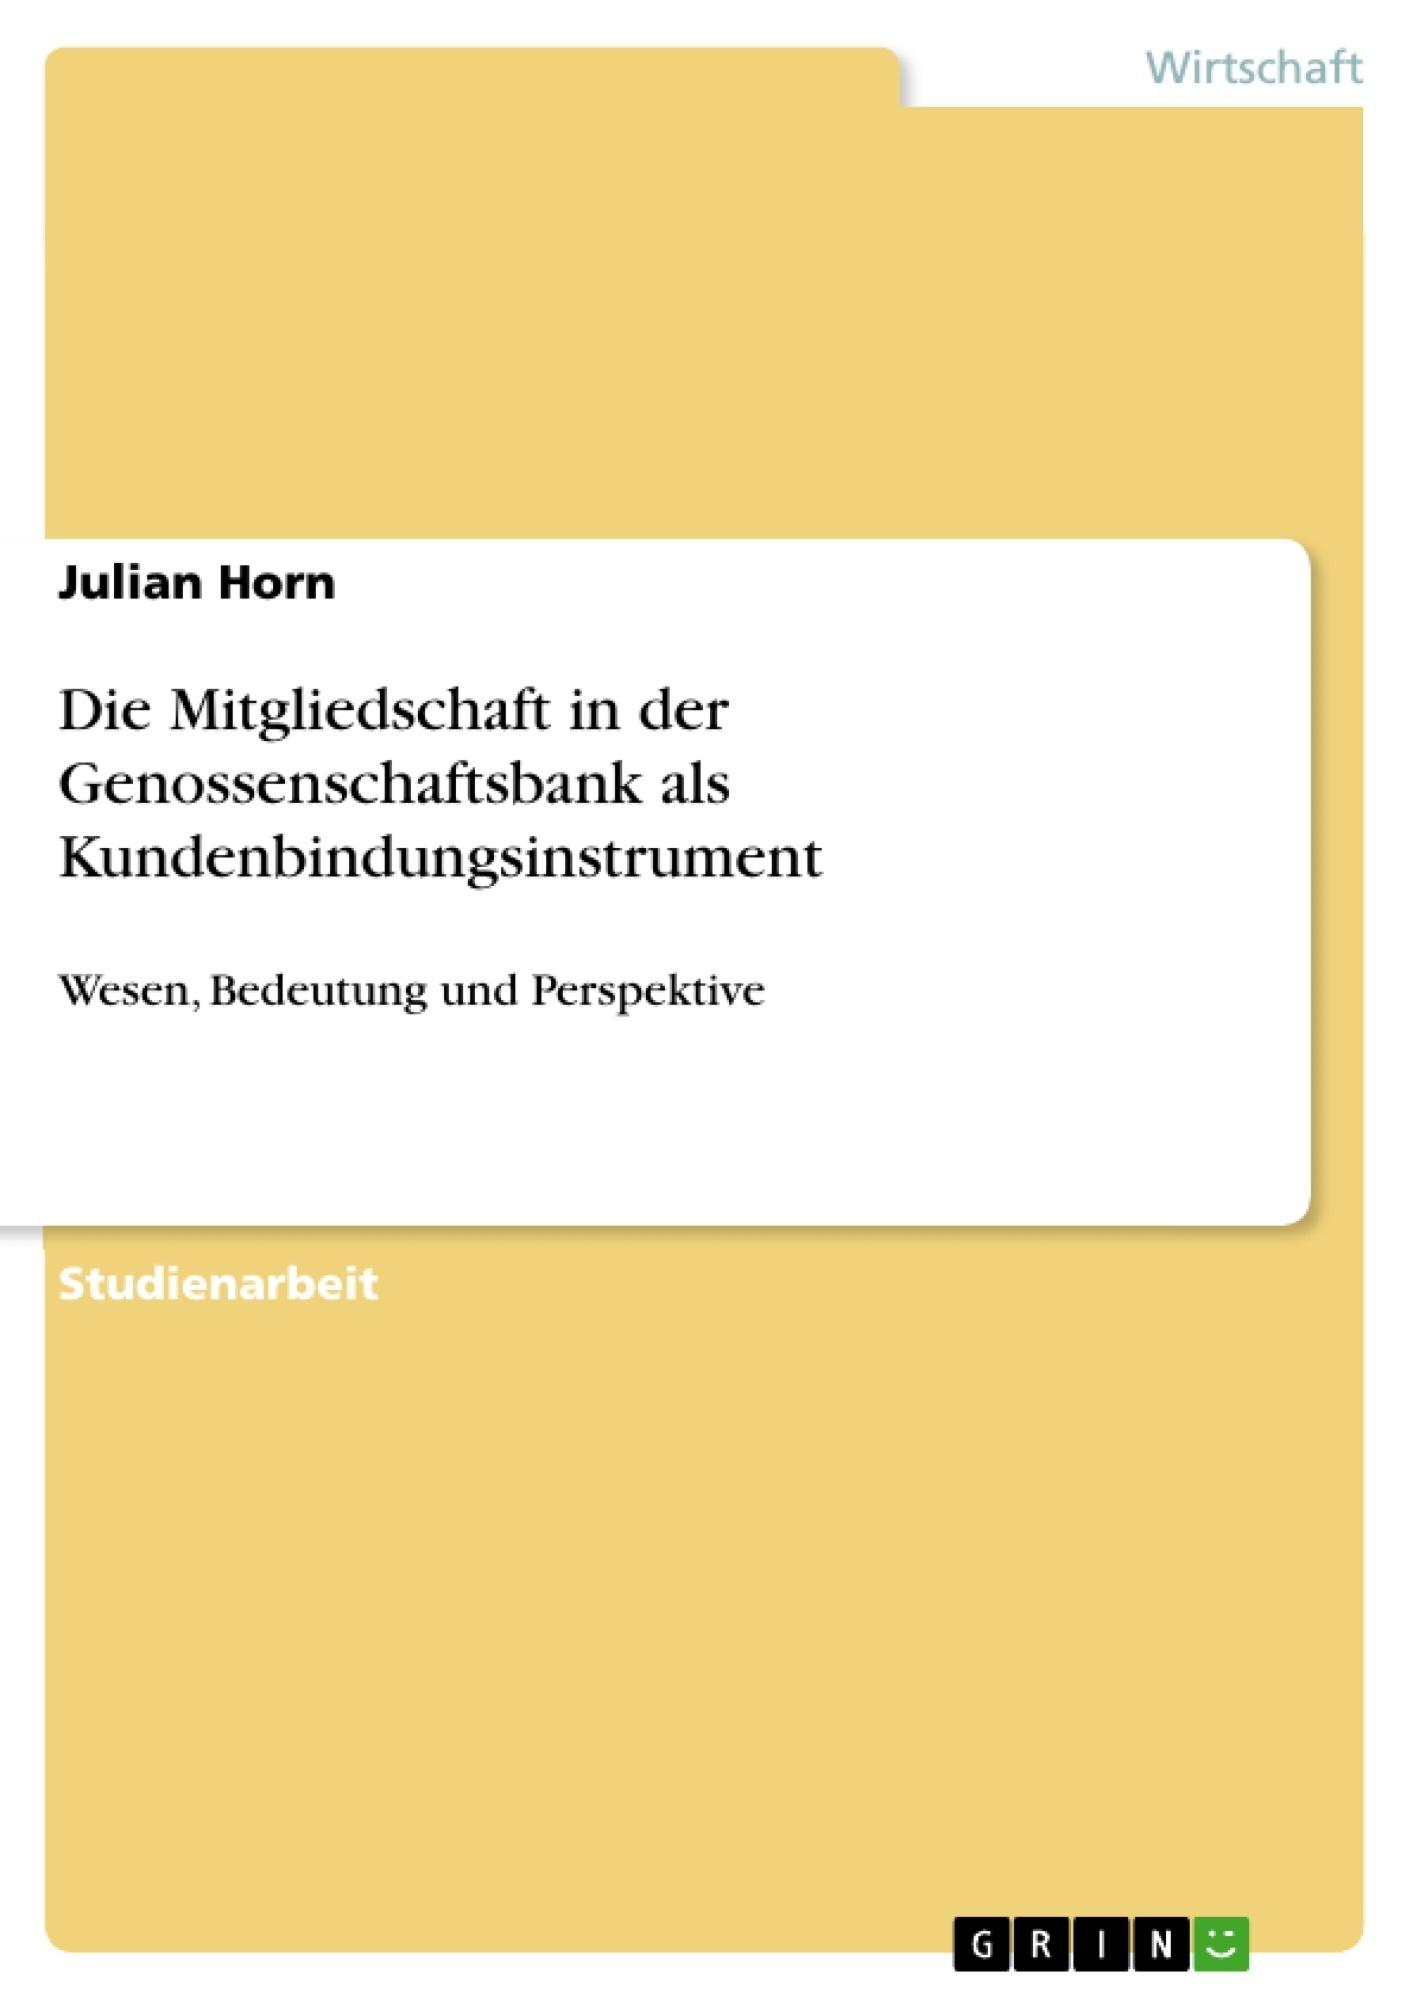 Titel: Die Mitgliedschaft in der Genossenschaftsbank als Kundenbindungsinstrument